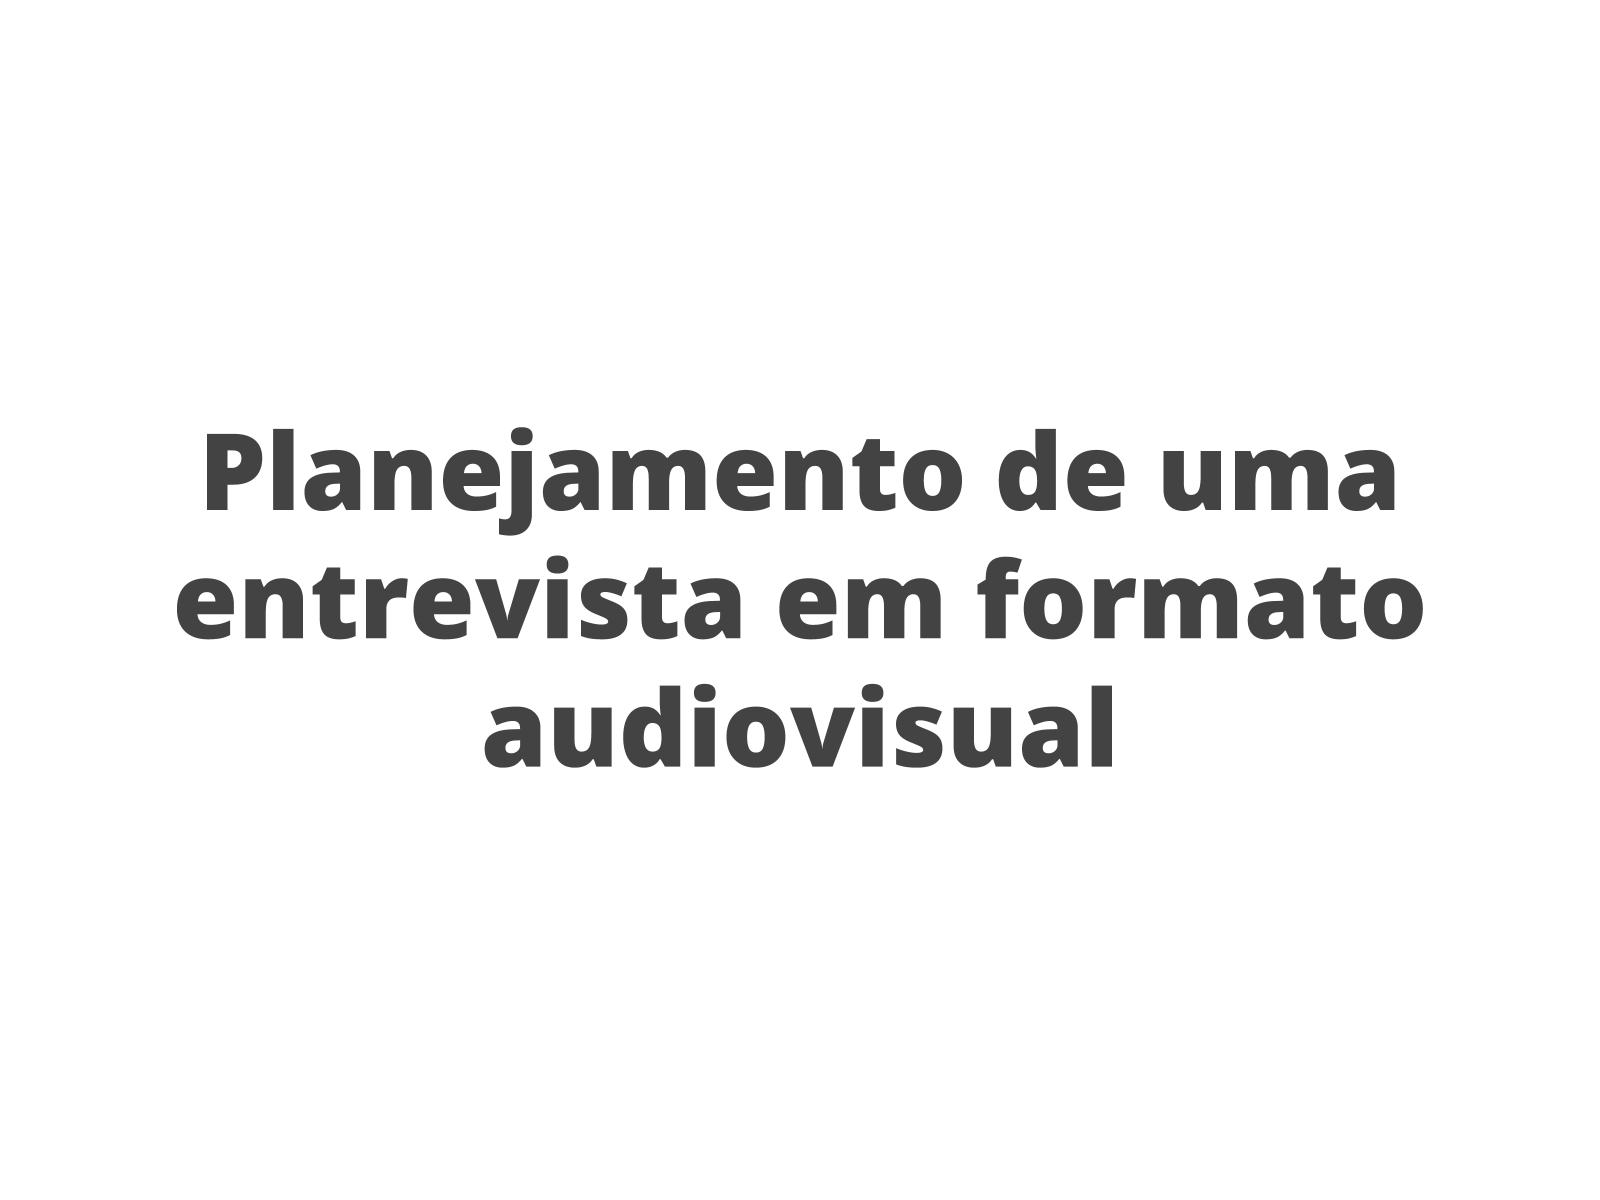 Planejamento de uma entrevista em formato audiovisual